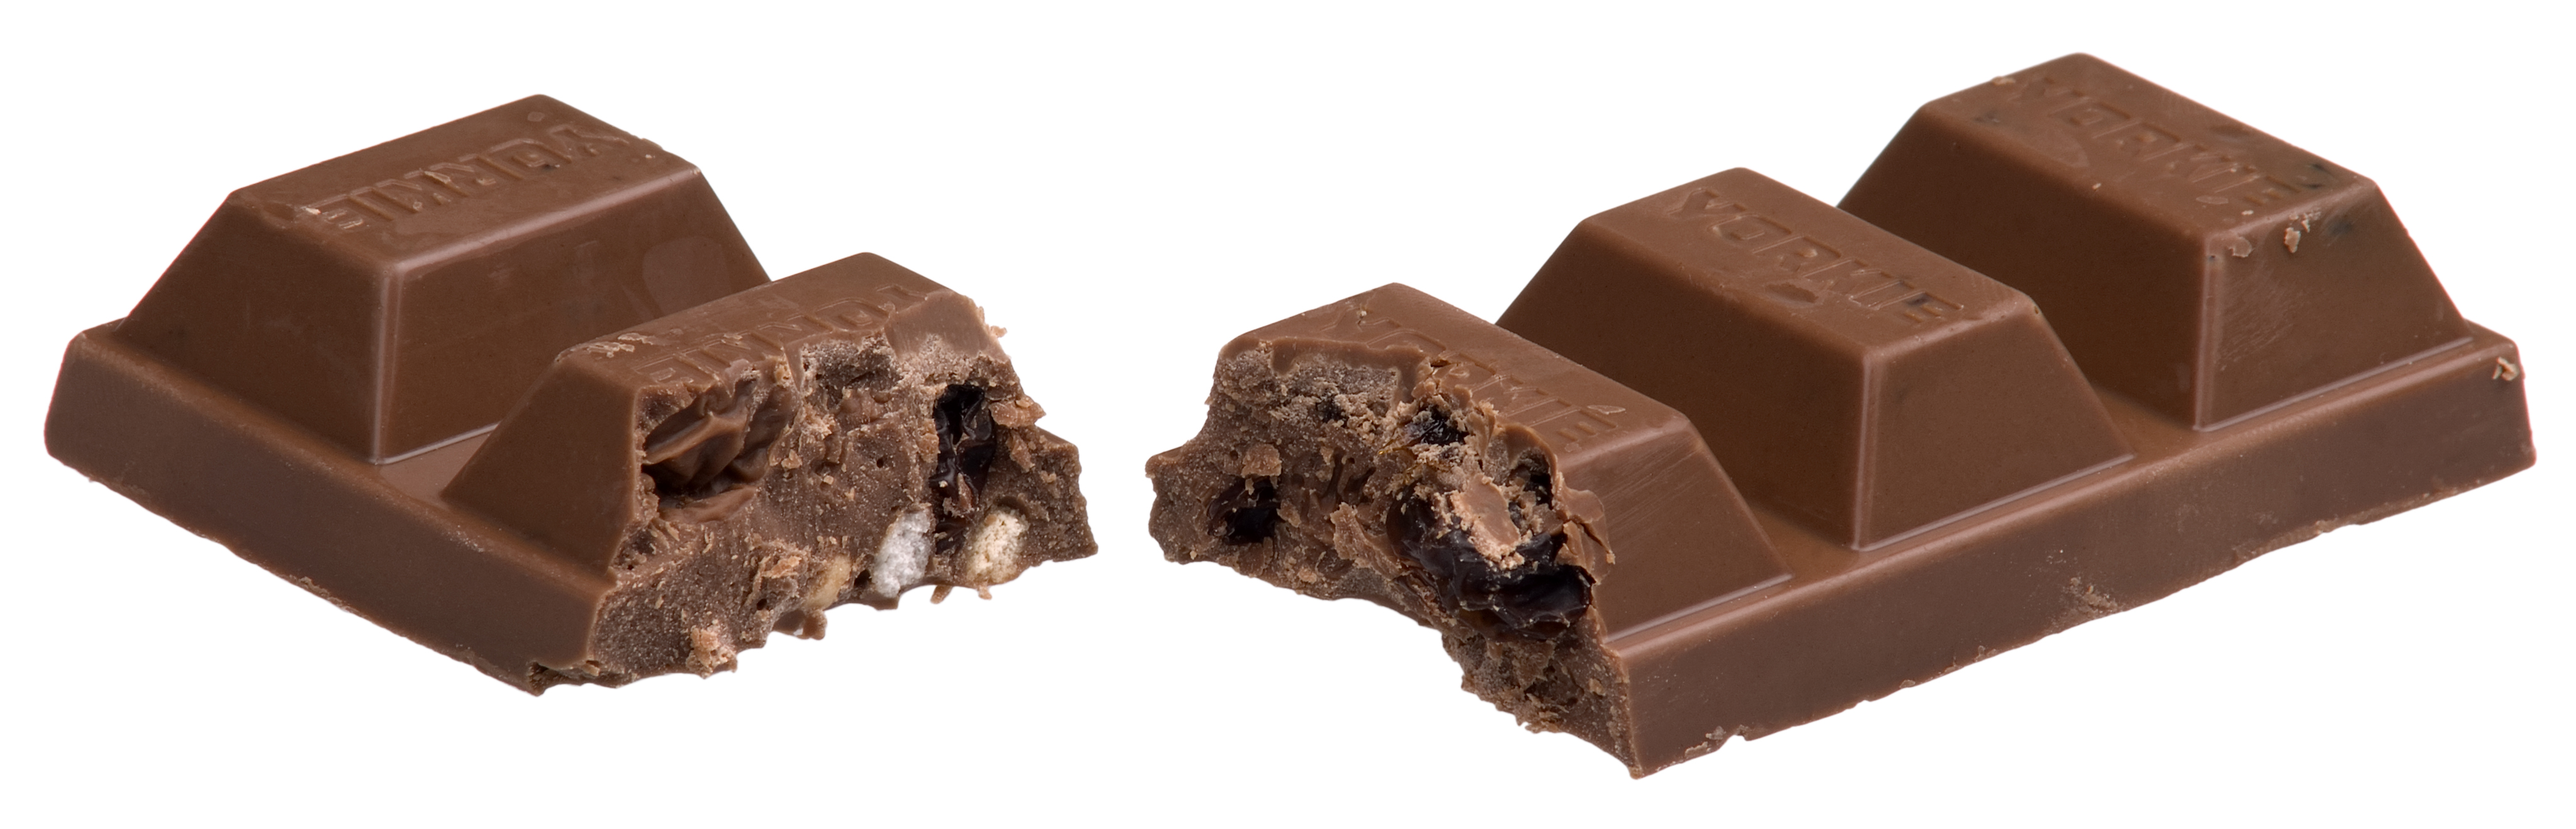 Chocolate Split In Half